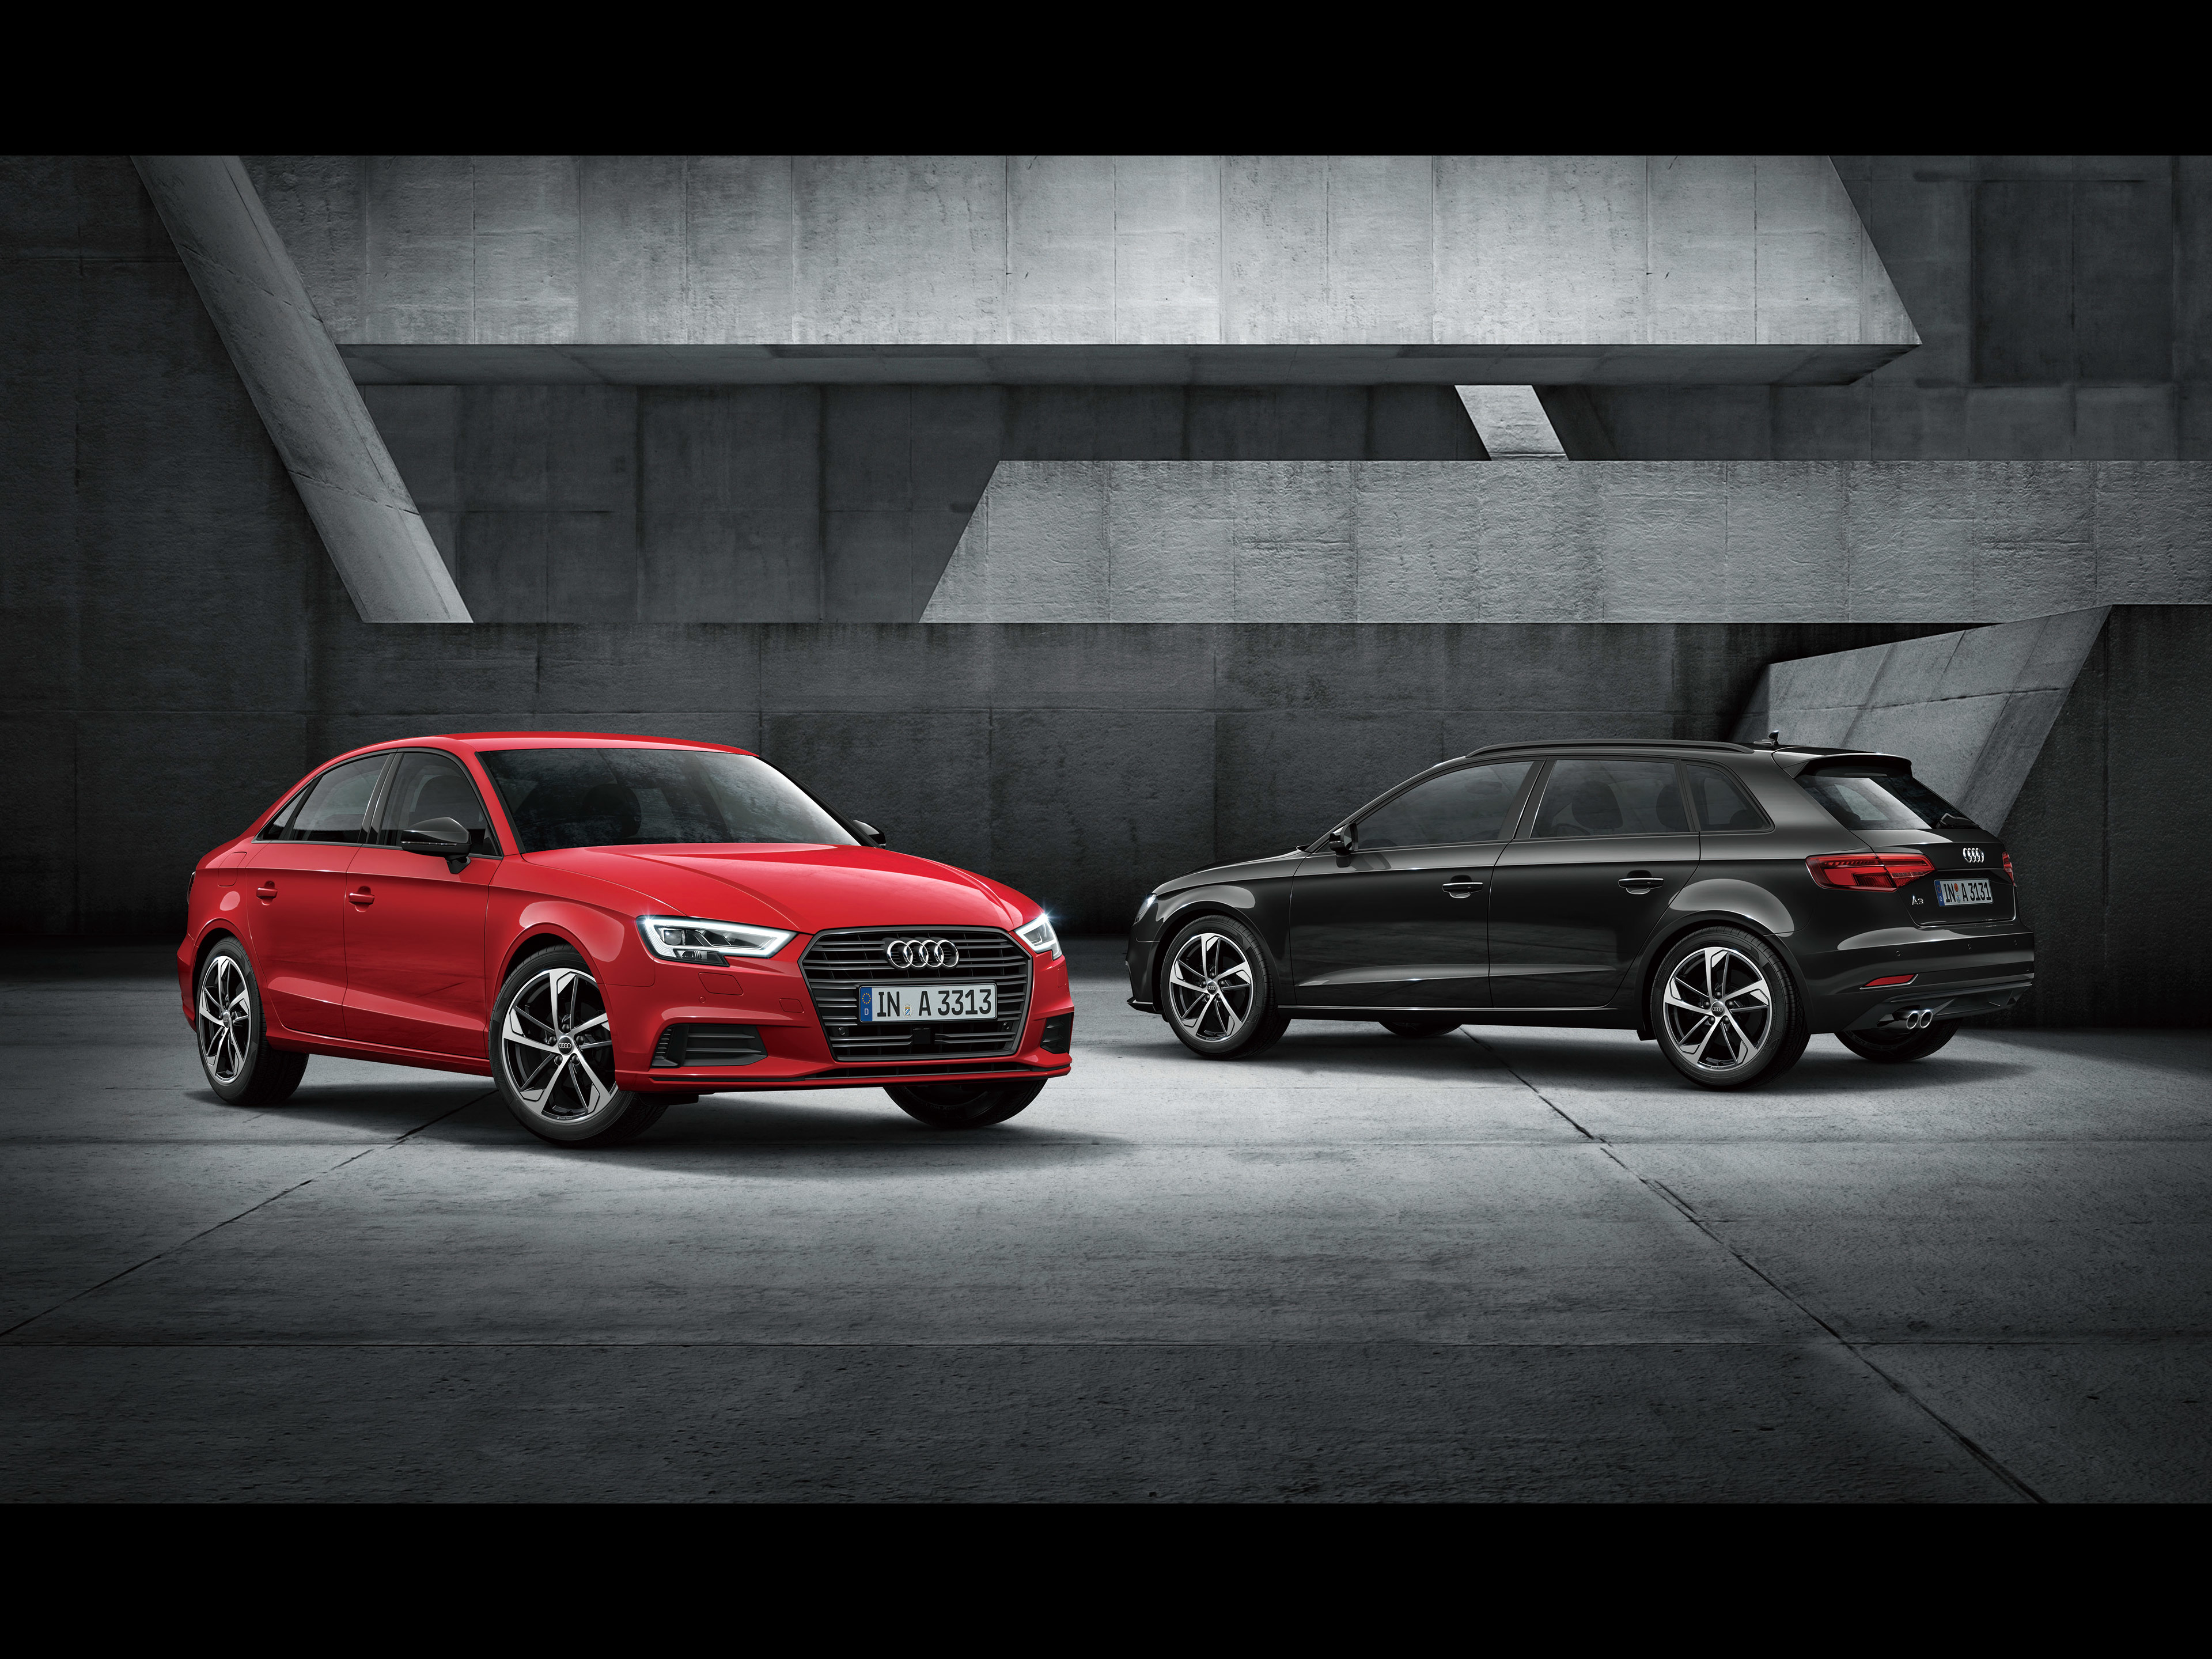 Audi A3 Black Styling 2020 アウディに嵌まる 壁紙画像ブログ